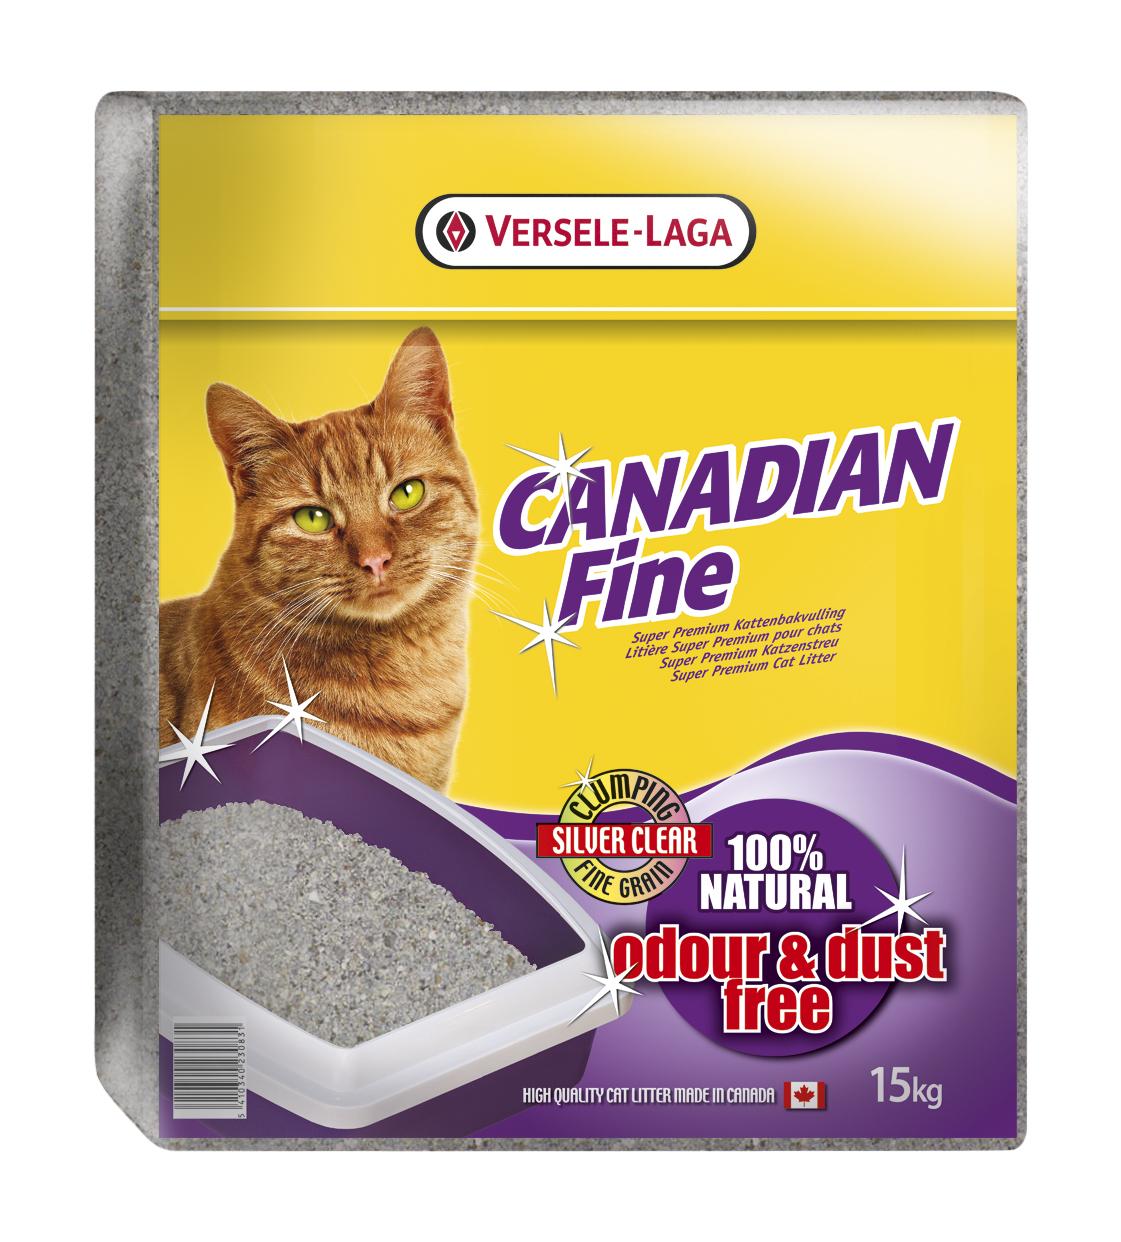 Canadian Fine 15kg